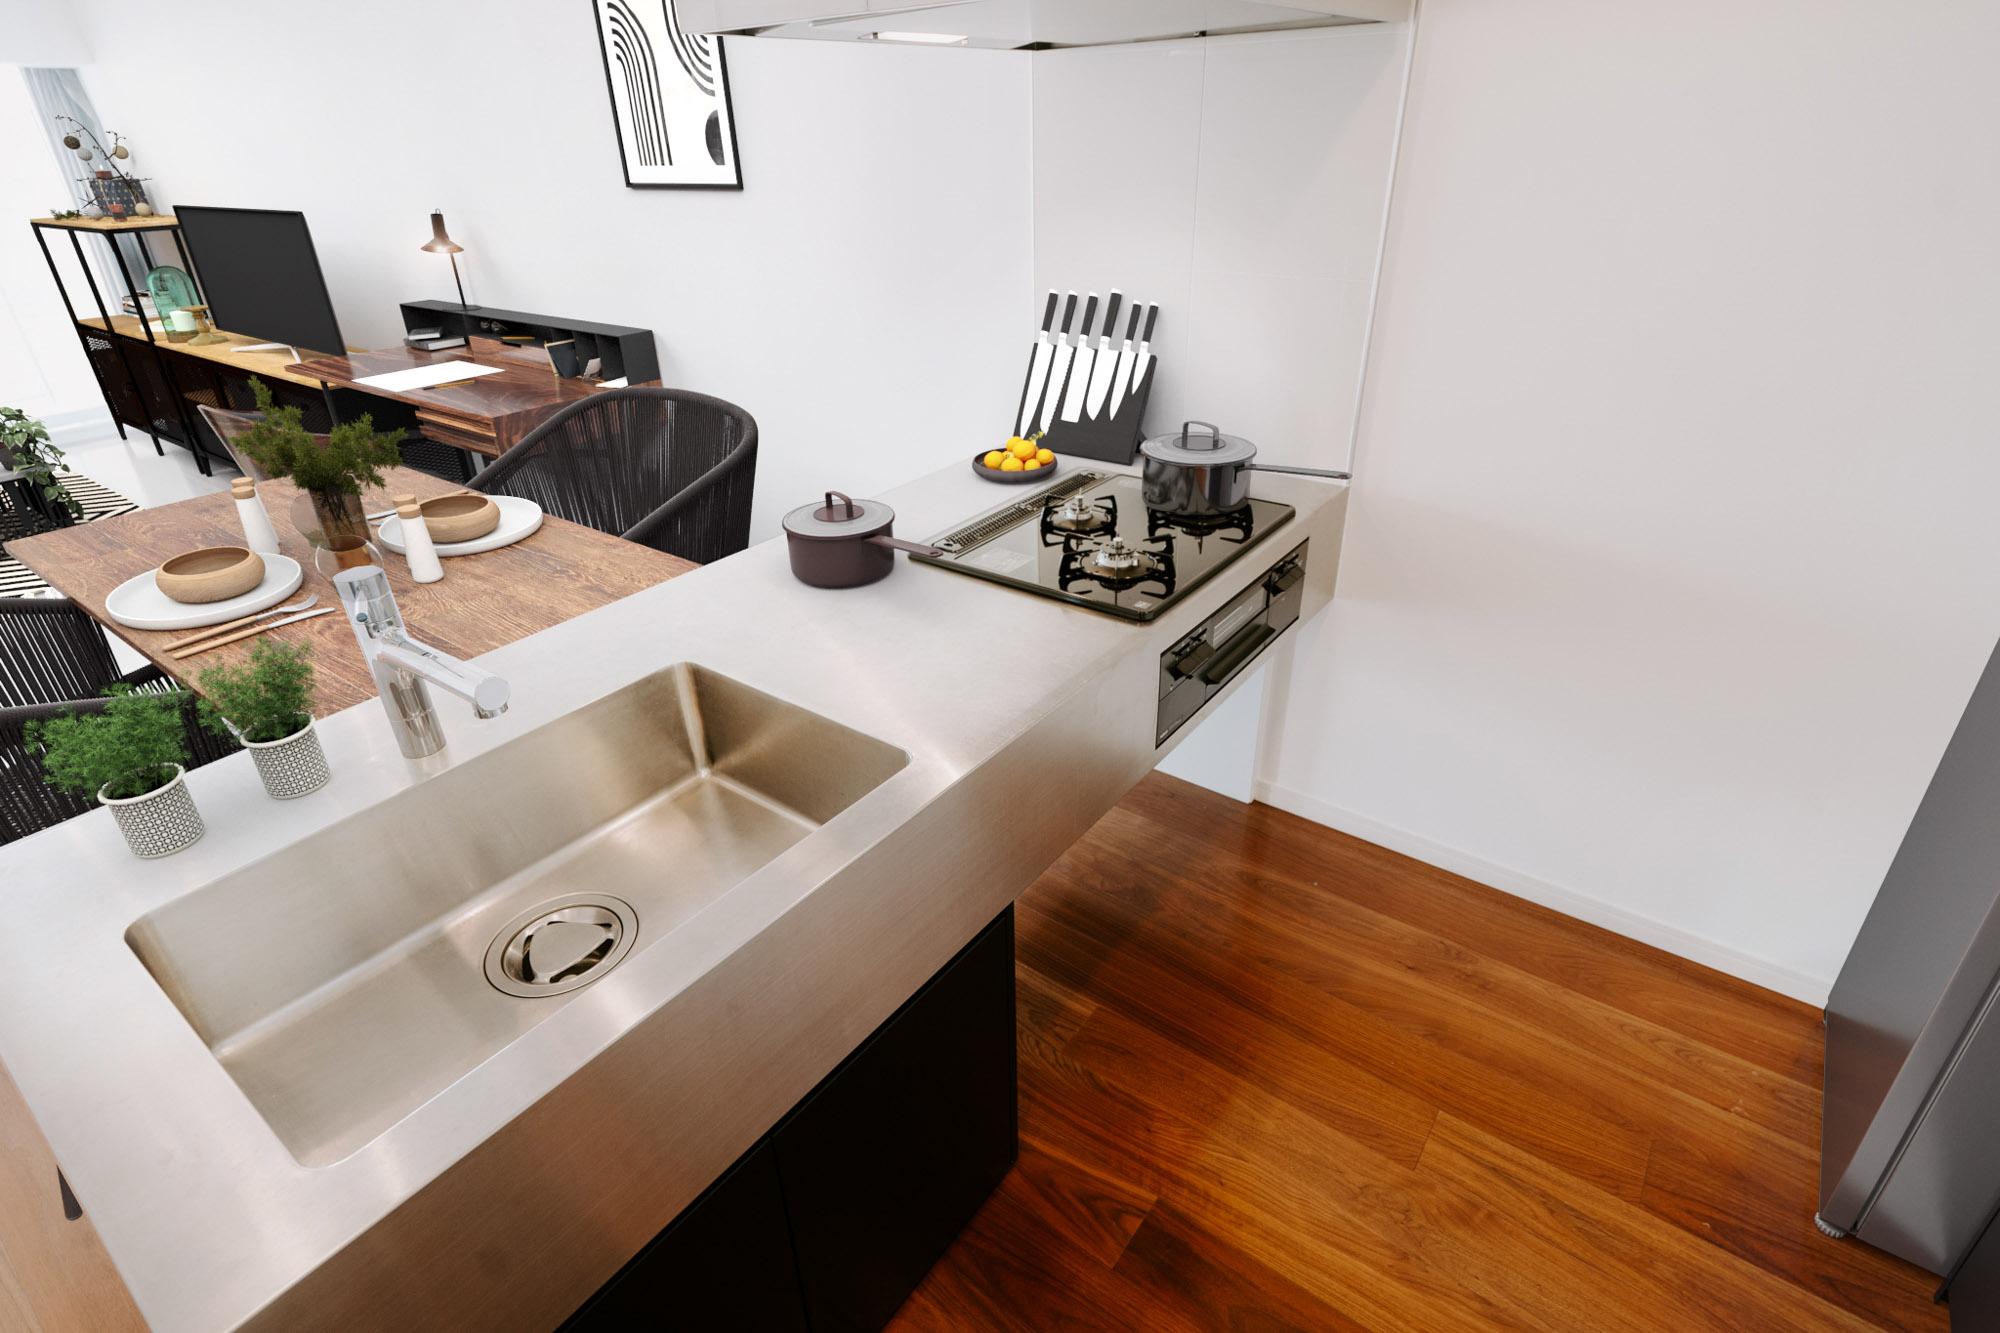 ガス3口にグリルつき、シャワー水栓と、機能面も十分。凝った料理を作りたくなるキッチンですね。